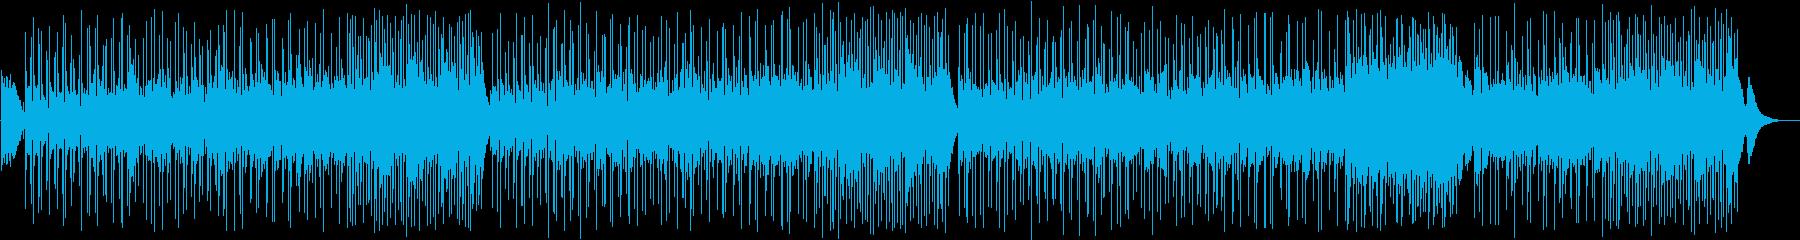 インディーズクリスマスソングの再生済みの波形